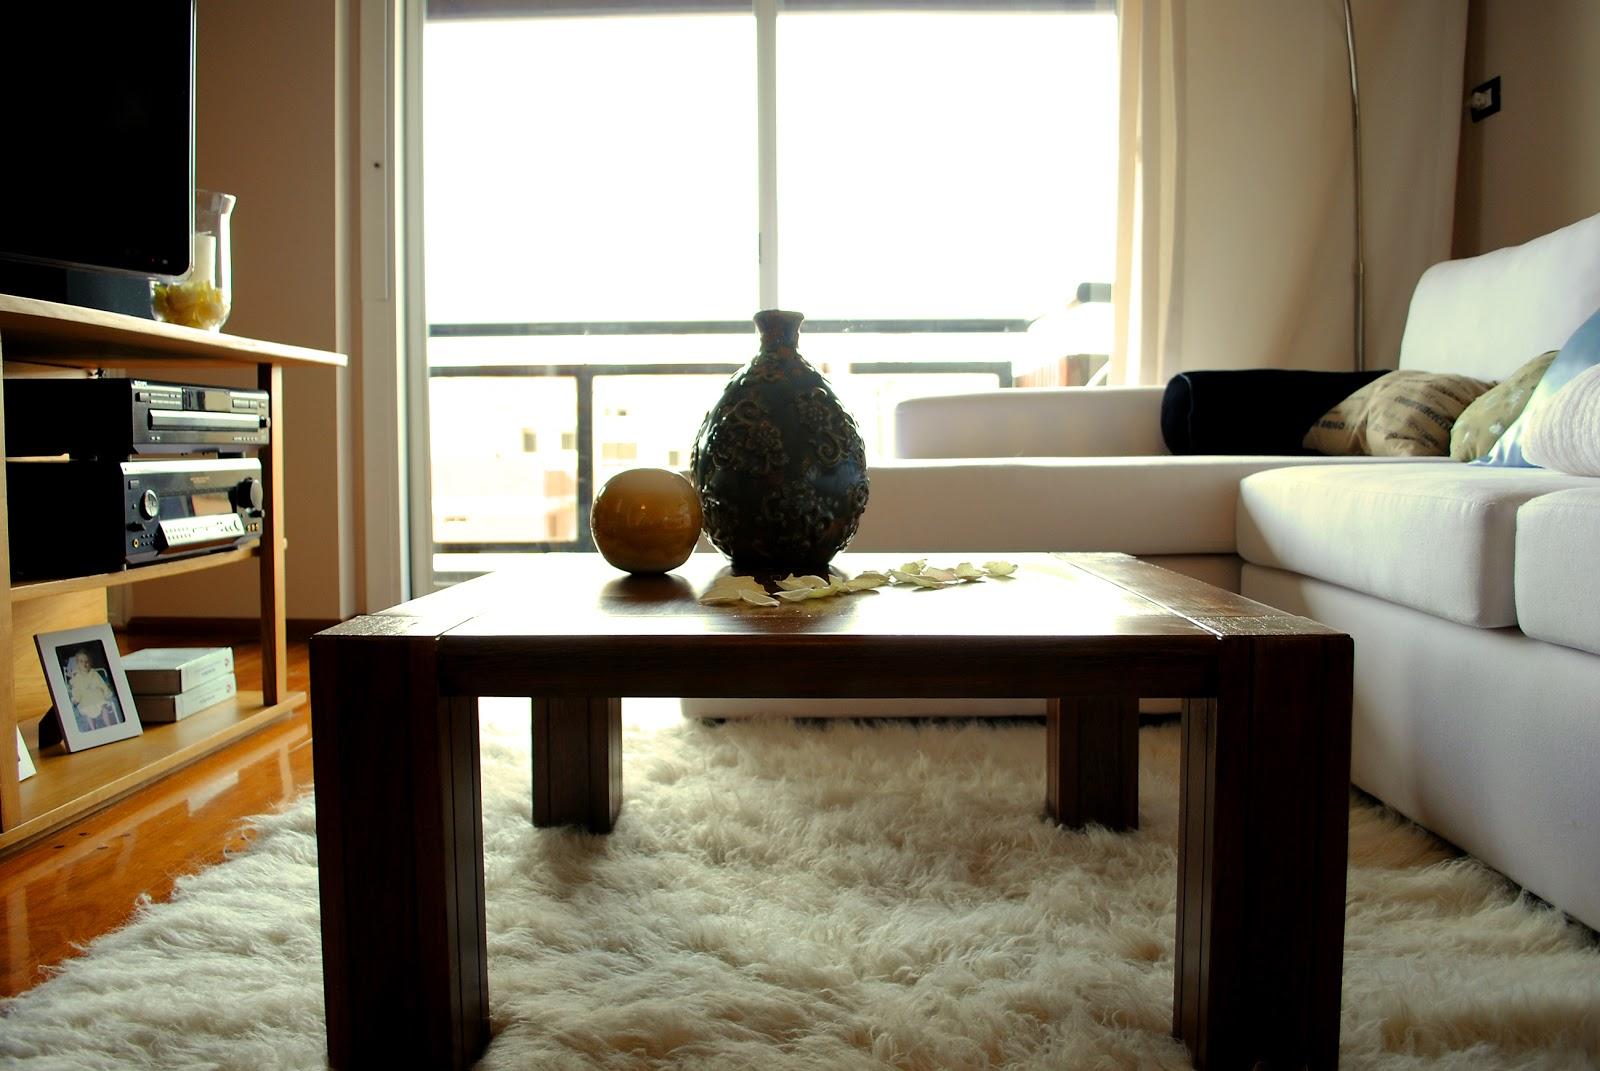 Deco polito dise o de interiores realizado junto a lila for Donde estudiar diseno de interiores